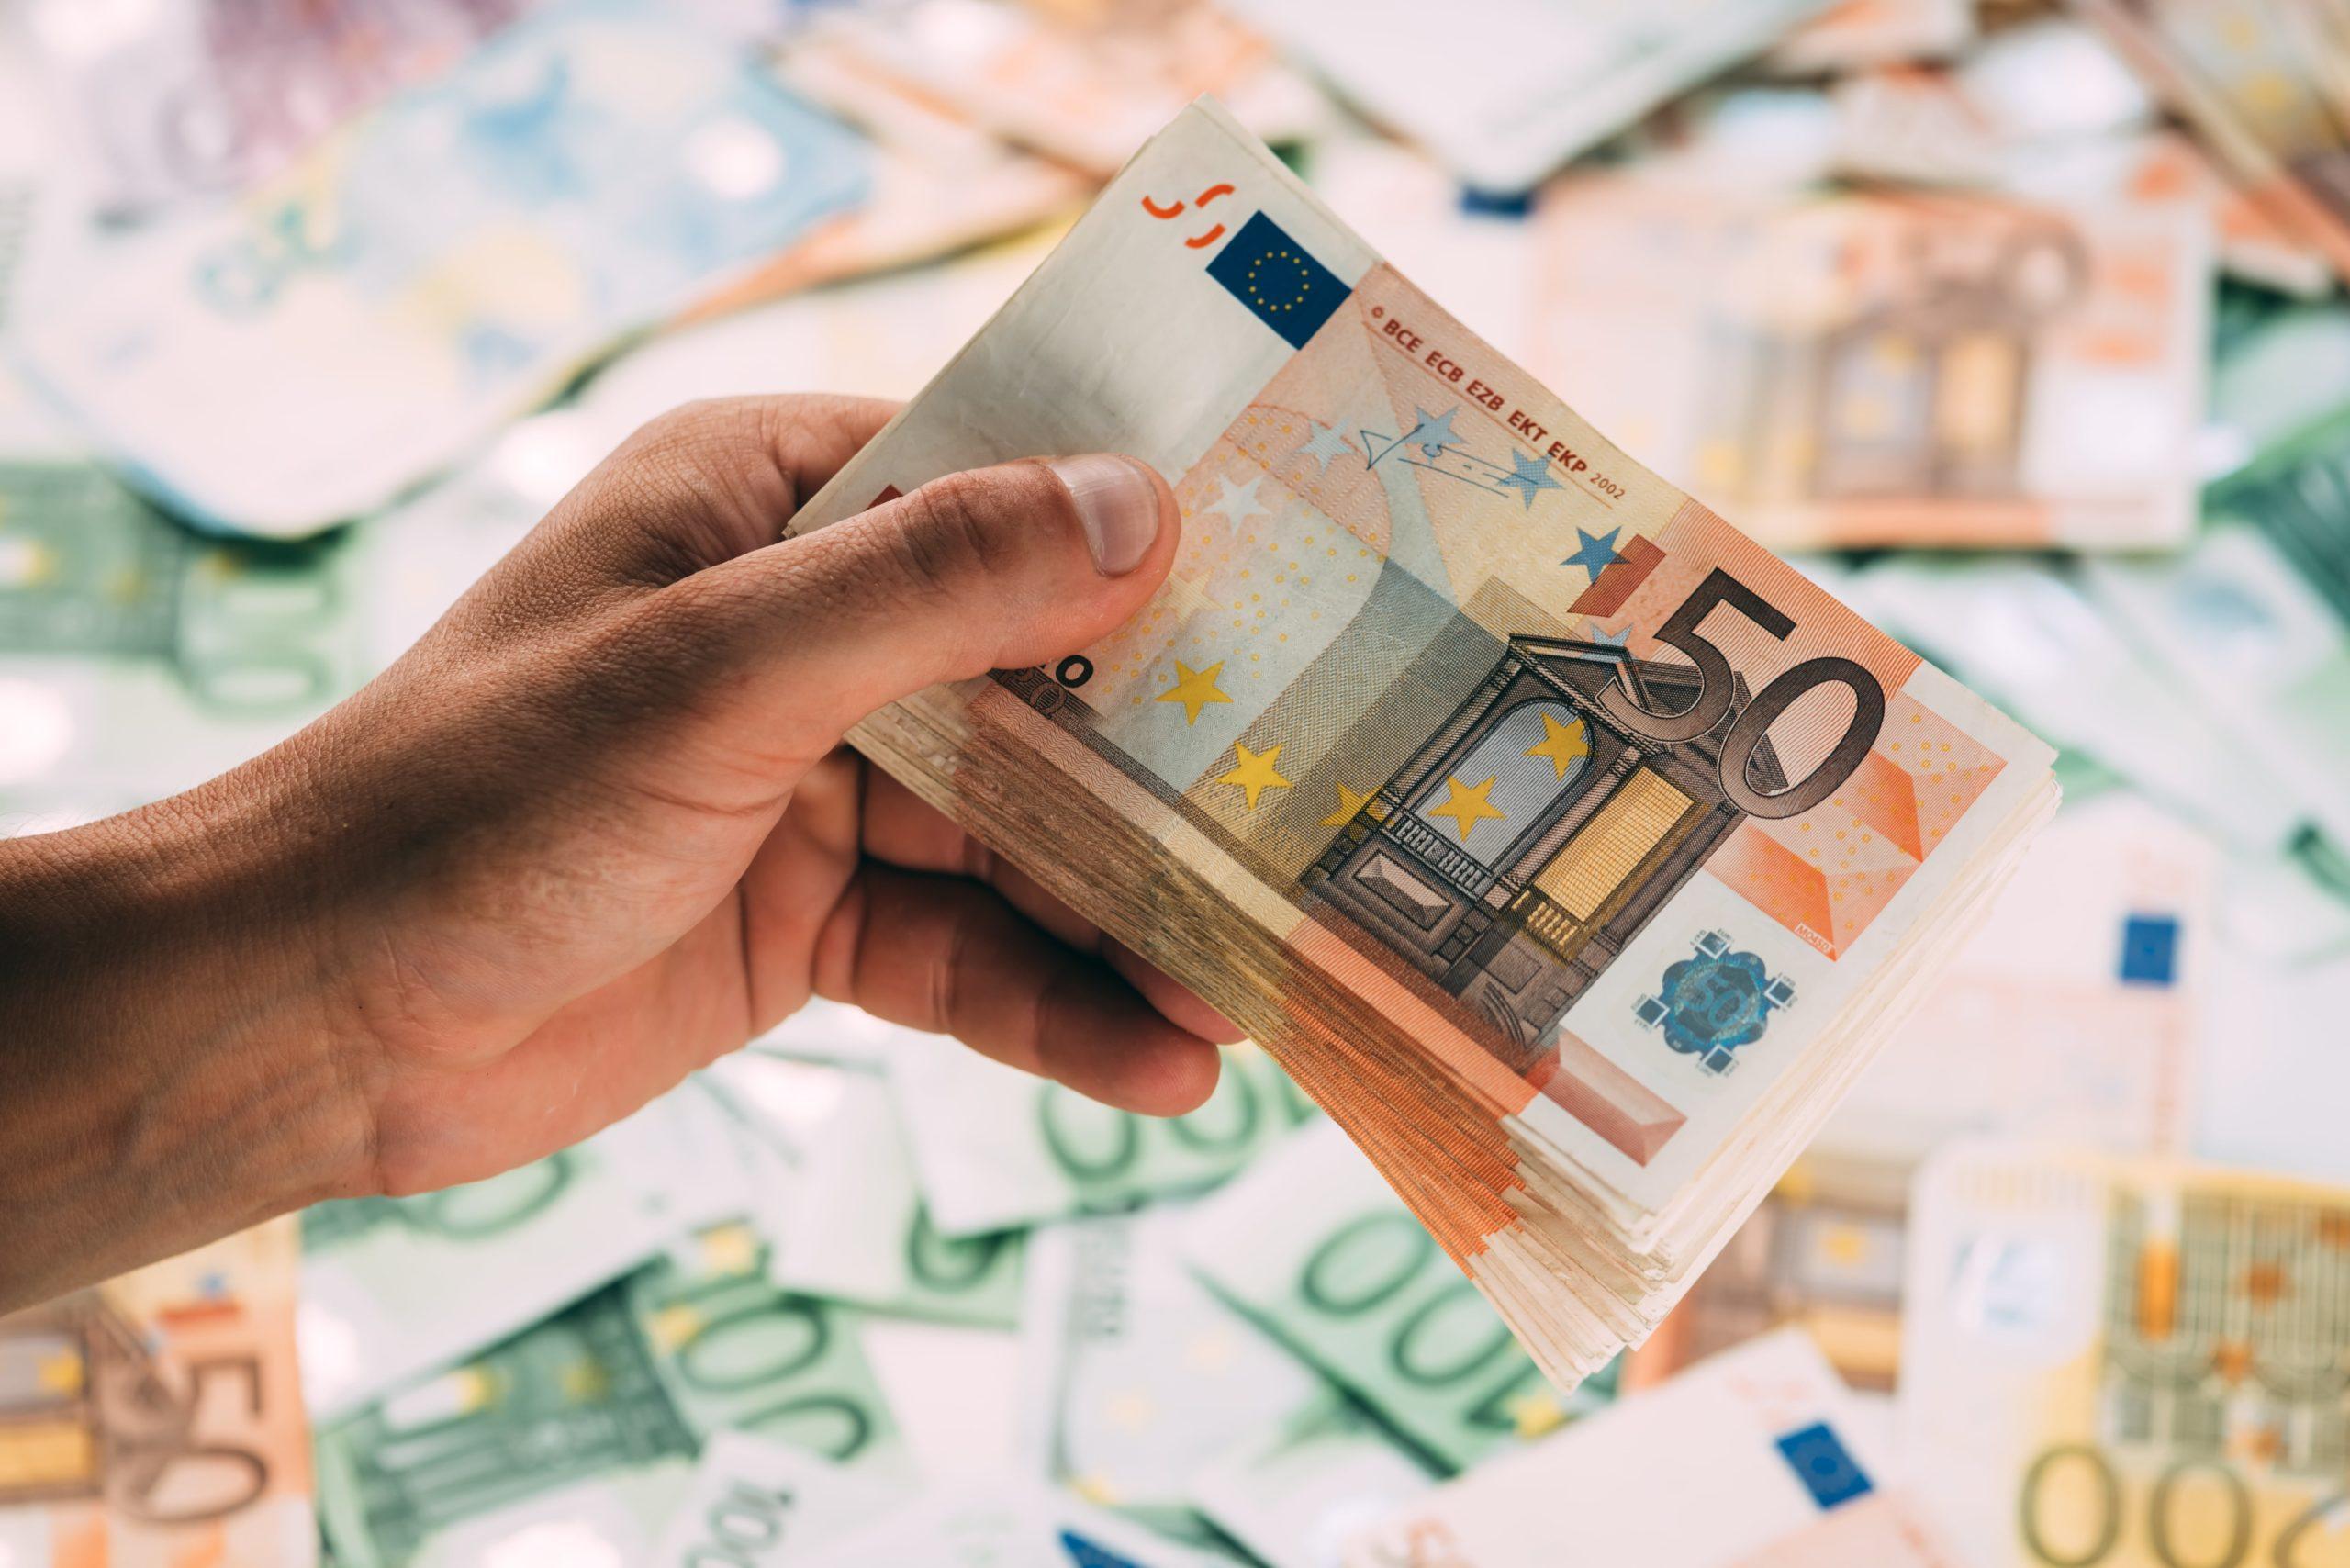 Come può un imprenditore evitare le perdite economiche e avere ritorno dell'investimento?